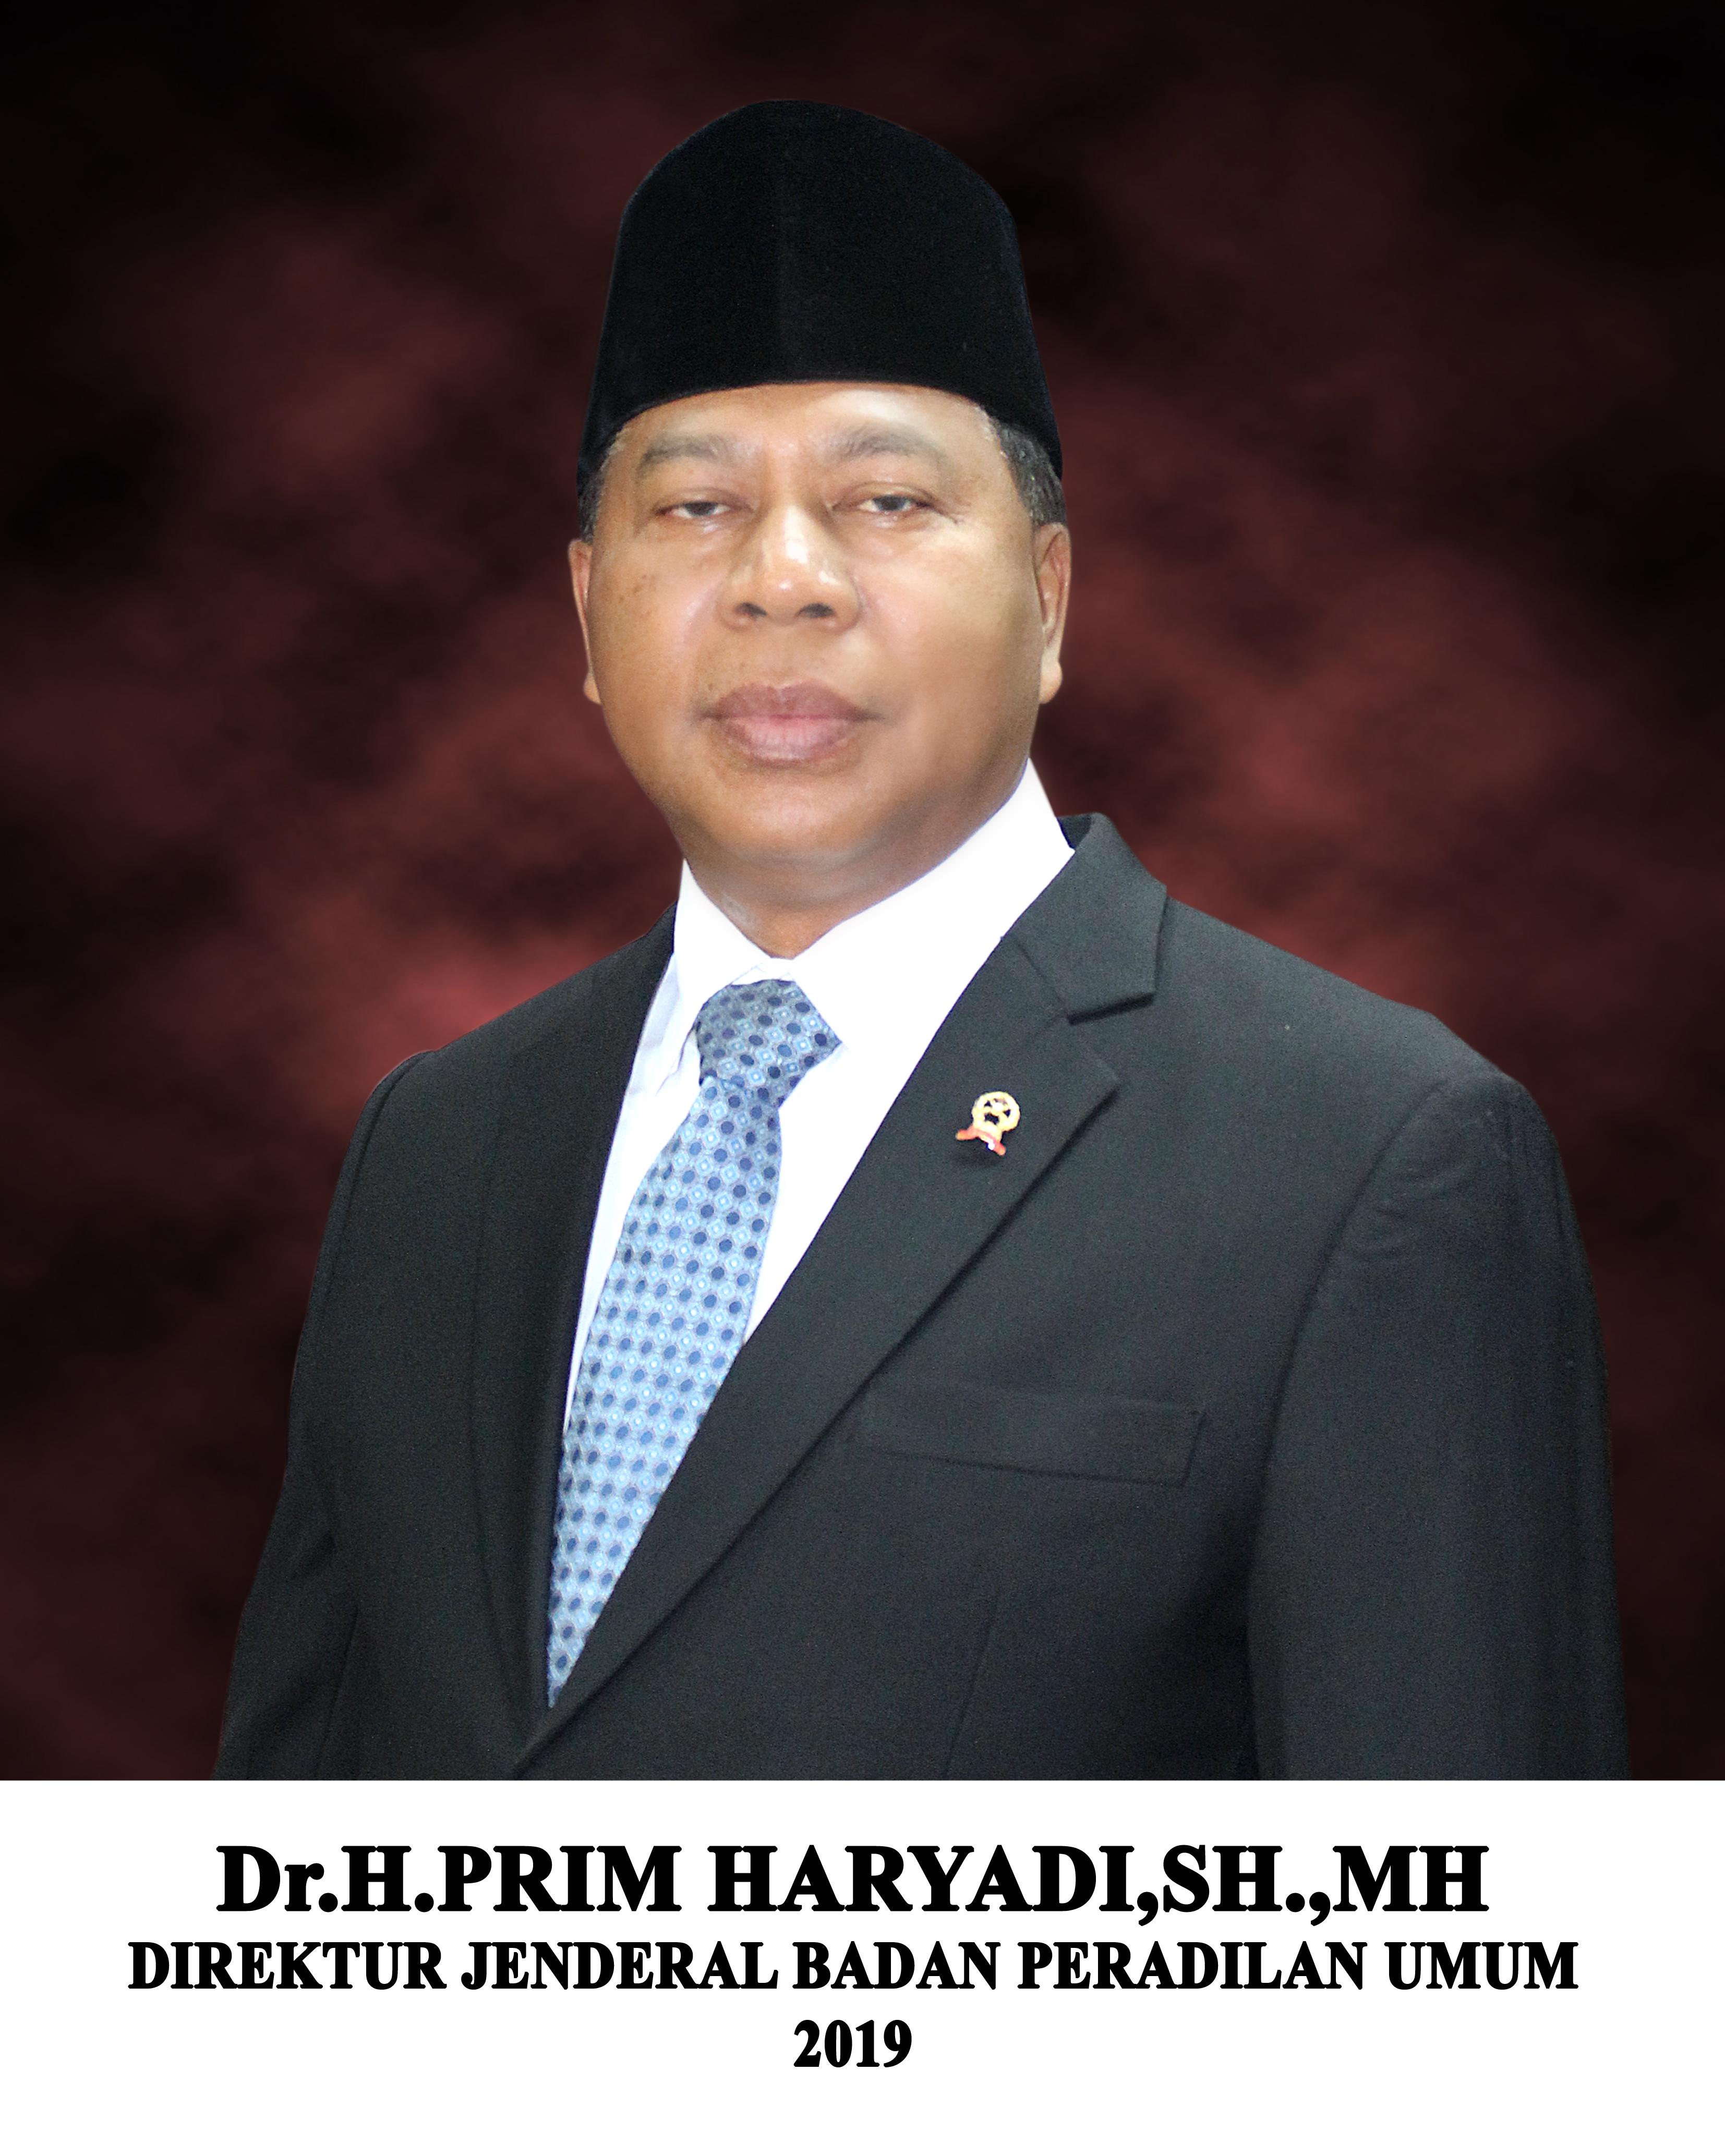 Foto Direktur Jenderal Badan Peradilan Umum, Dr. Prim Haryadi, S.H., M.H.